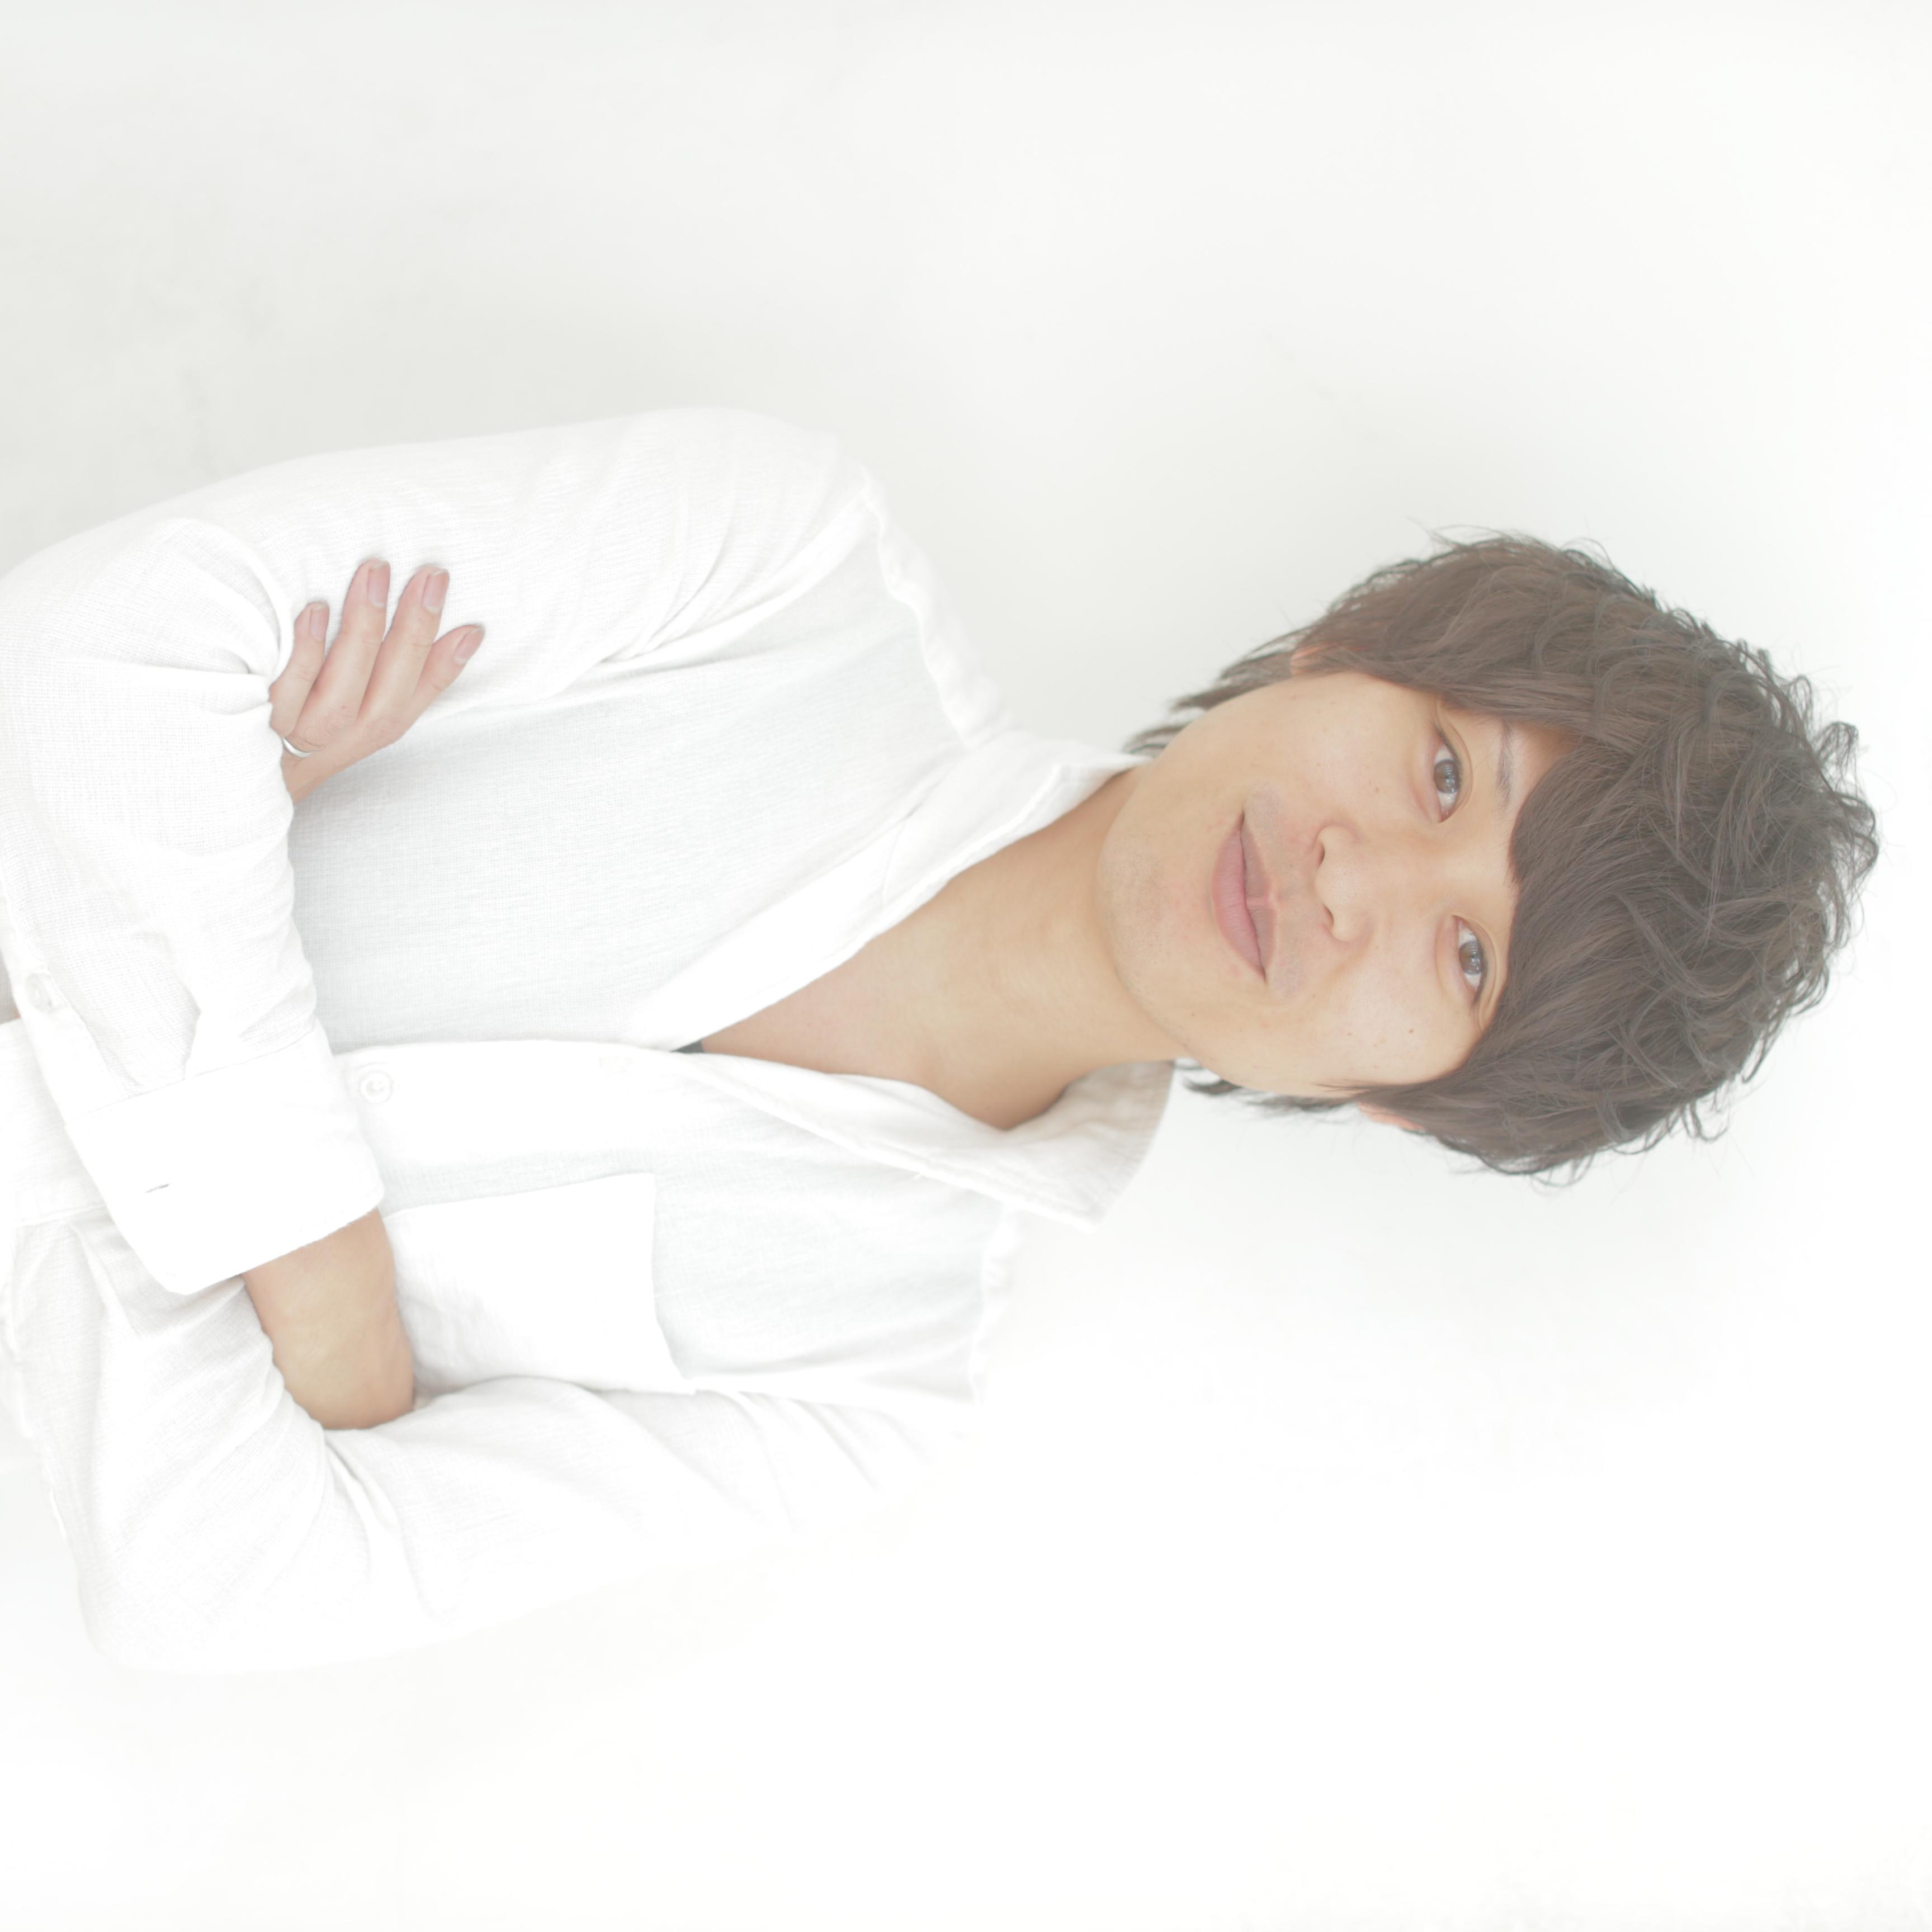 Lee innocence 宮本伸一(shin)